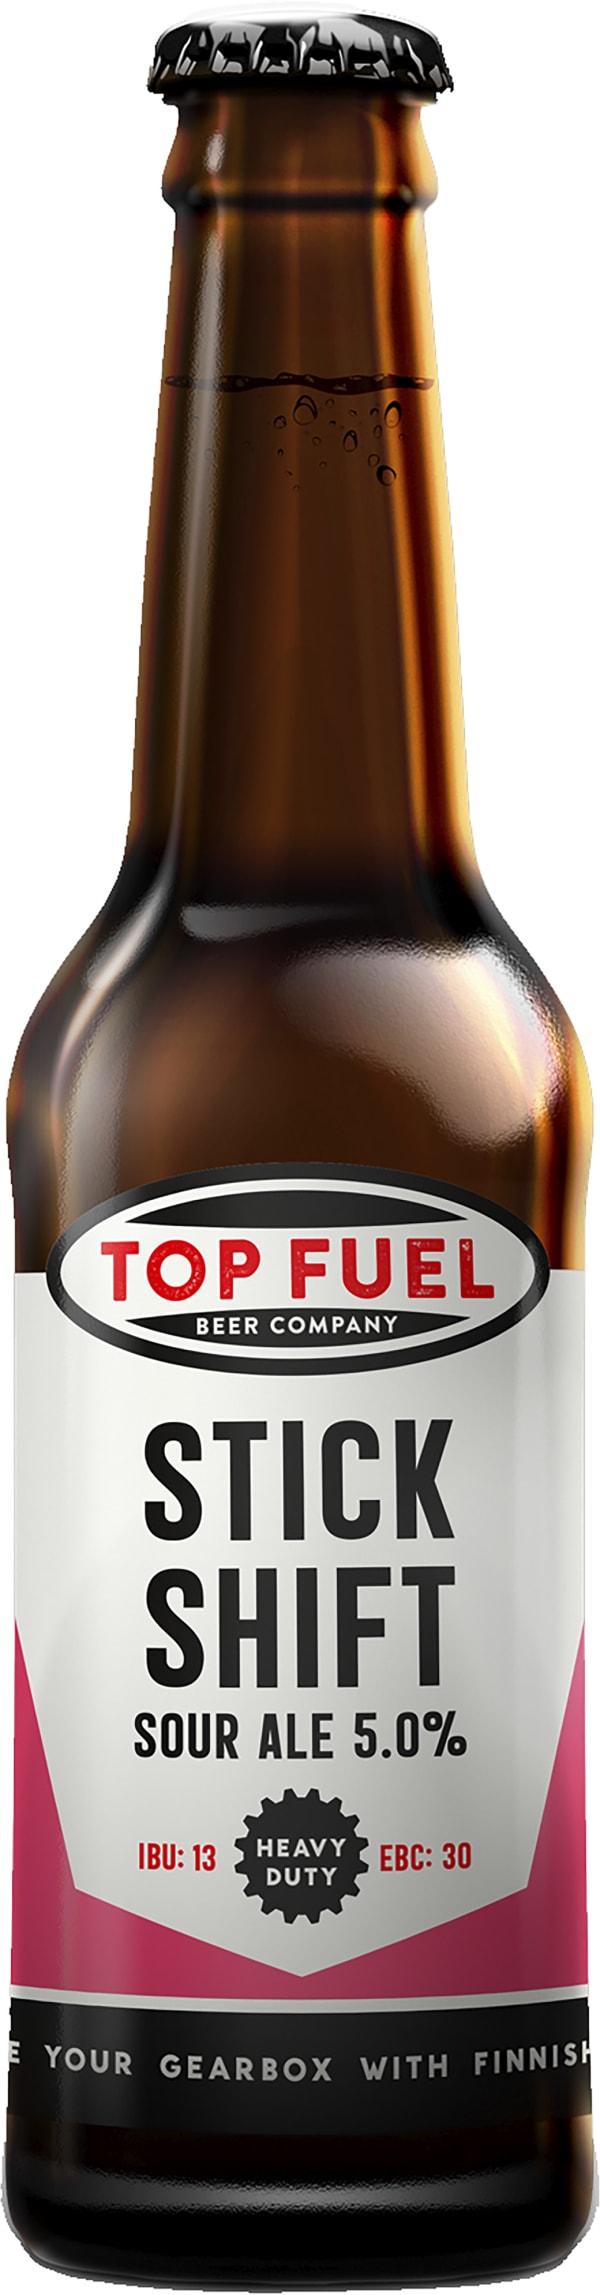 Top Fuel Stick Shift Sour Ale